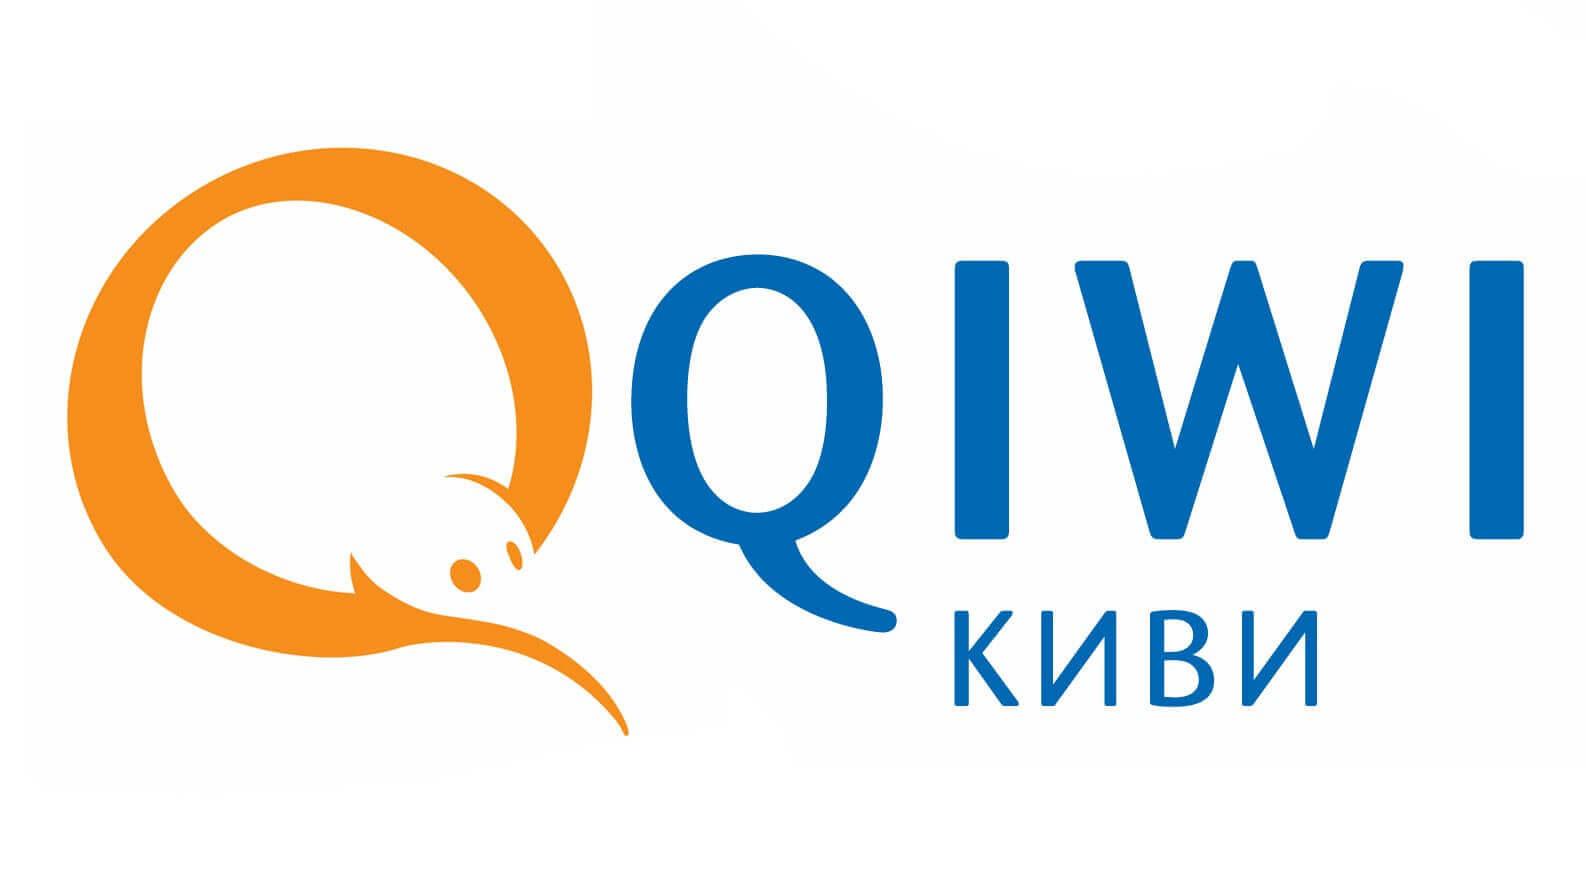 QIWI - электронная платежная система